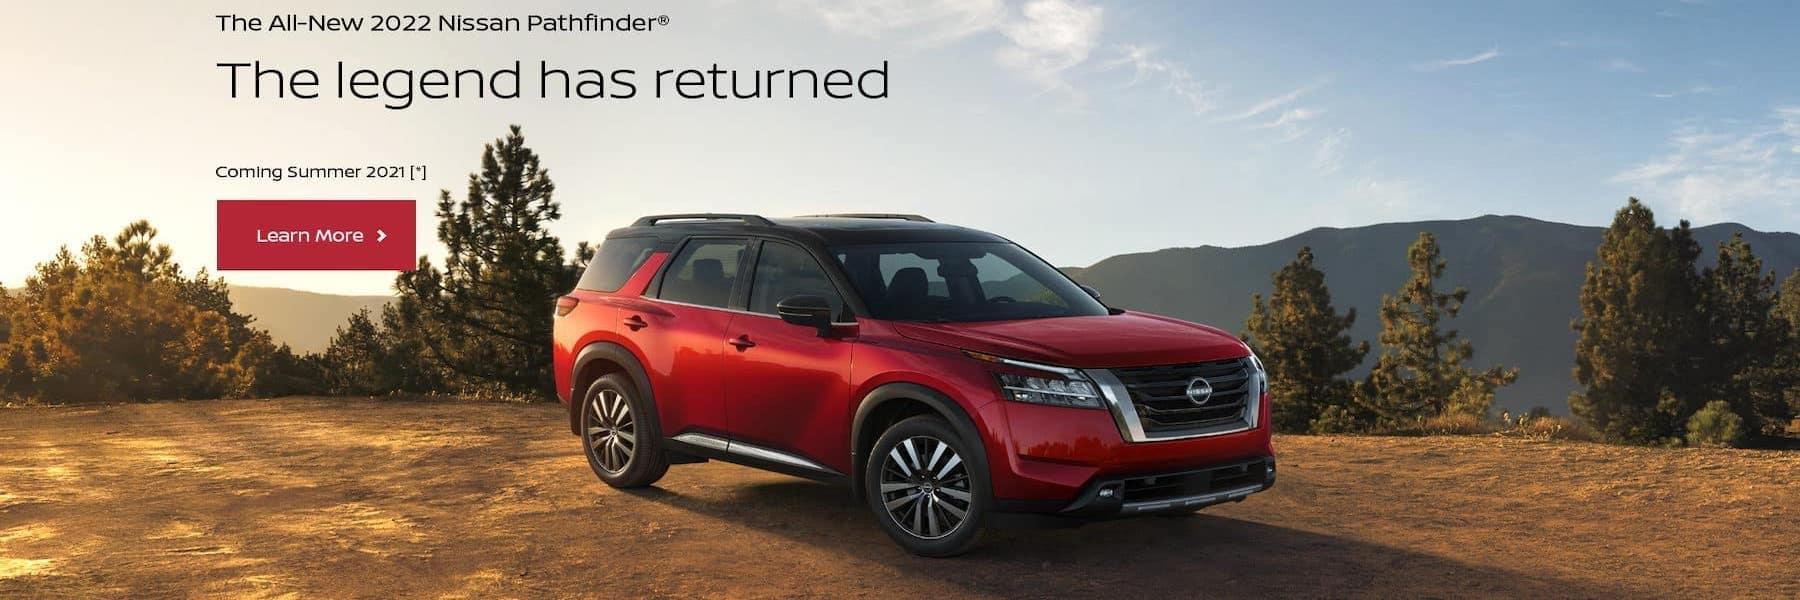 Nissan_Pathfinder2022_1800x663-1-1800×663